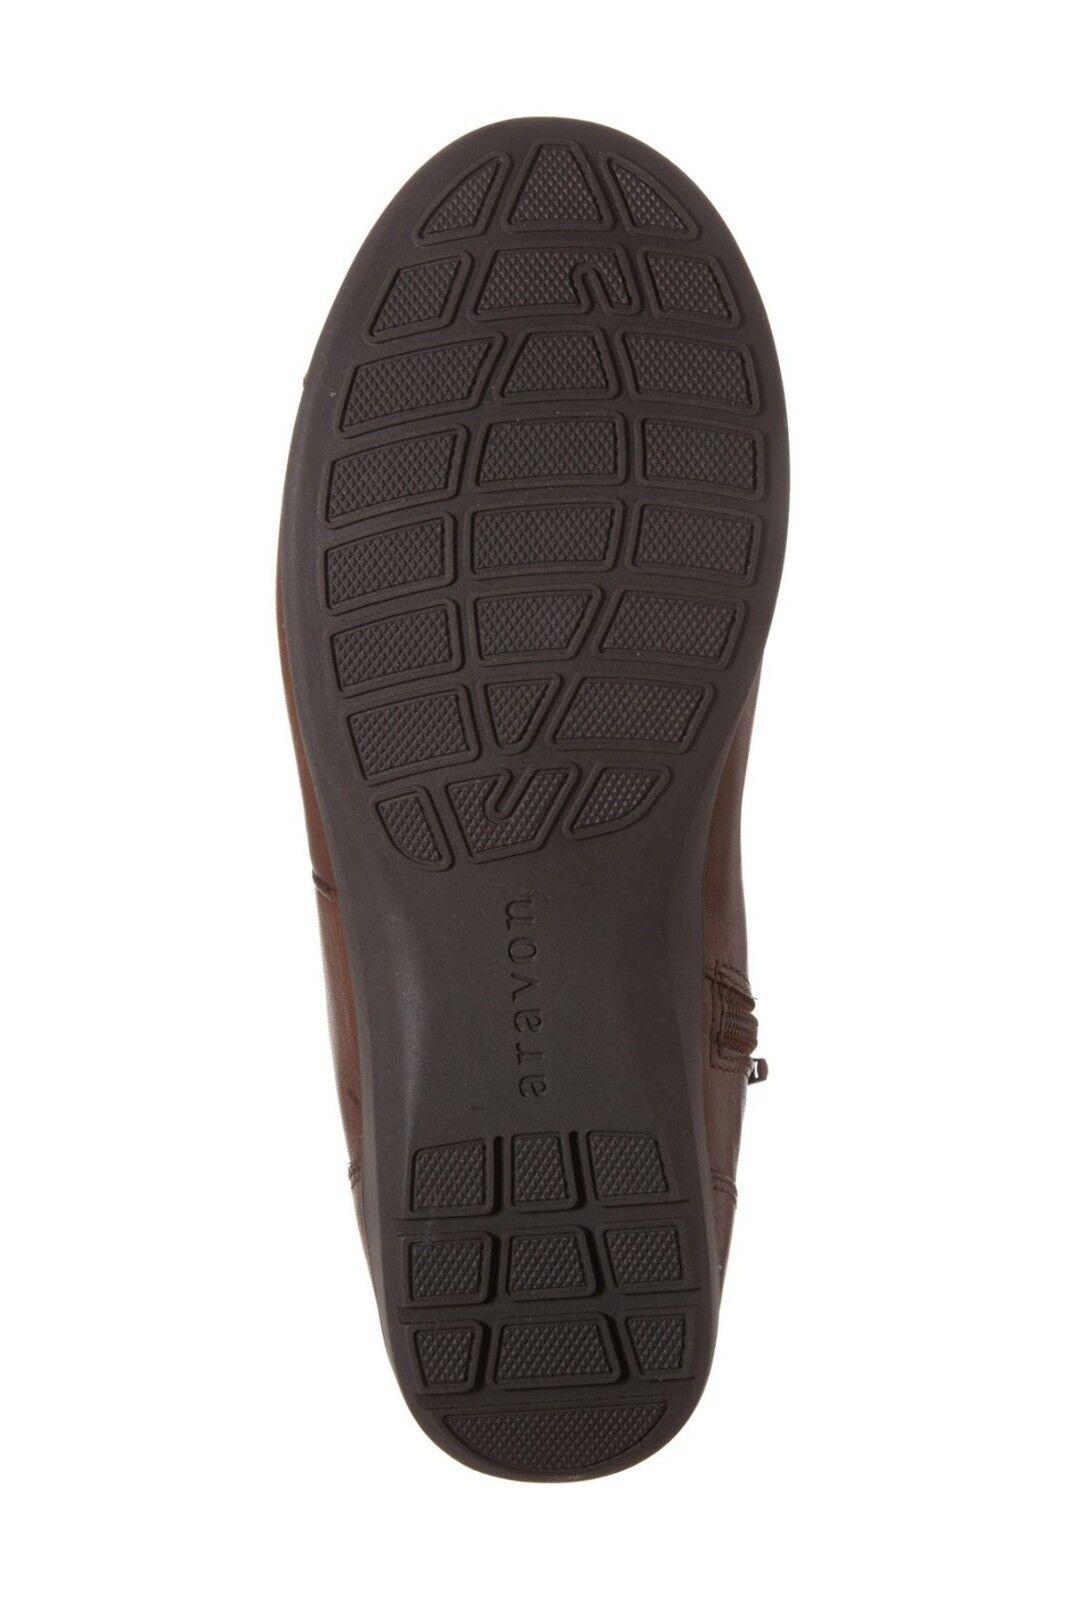 Aravon Anstice mujer Comodidad Cuña bota de cuero para mujer Anstice Bota Ancha De 10 o 12 Nuevo en caja marrón 37f4cb